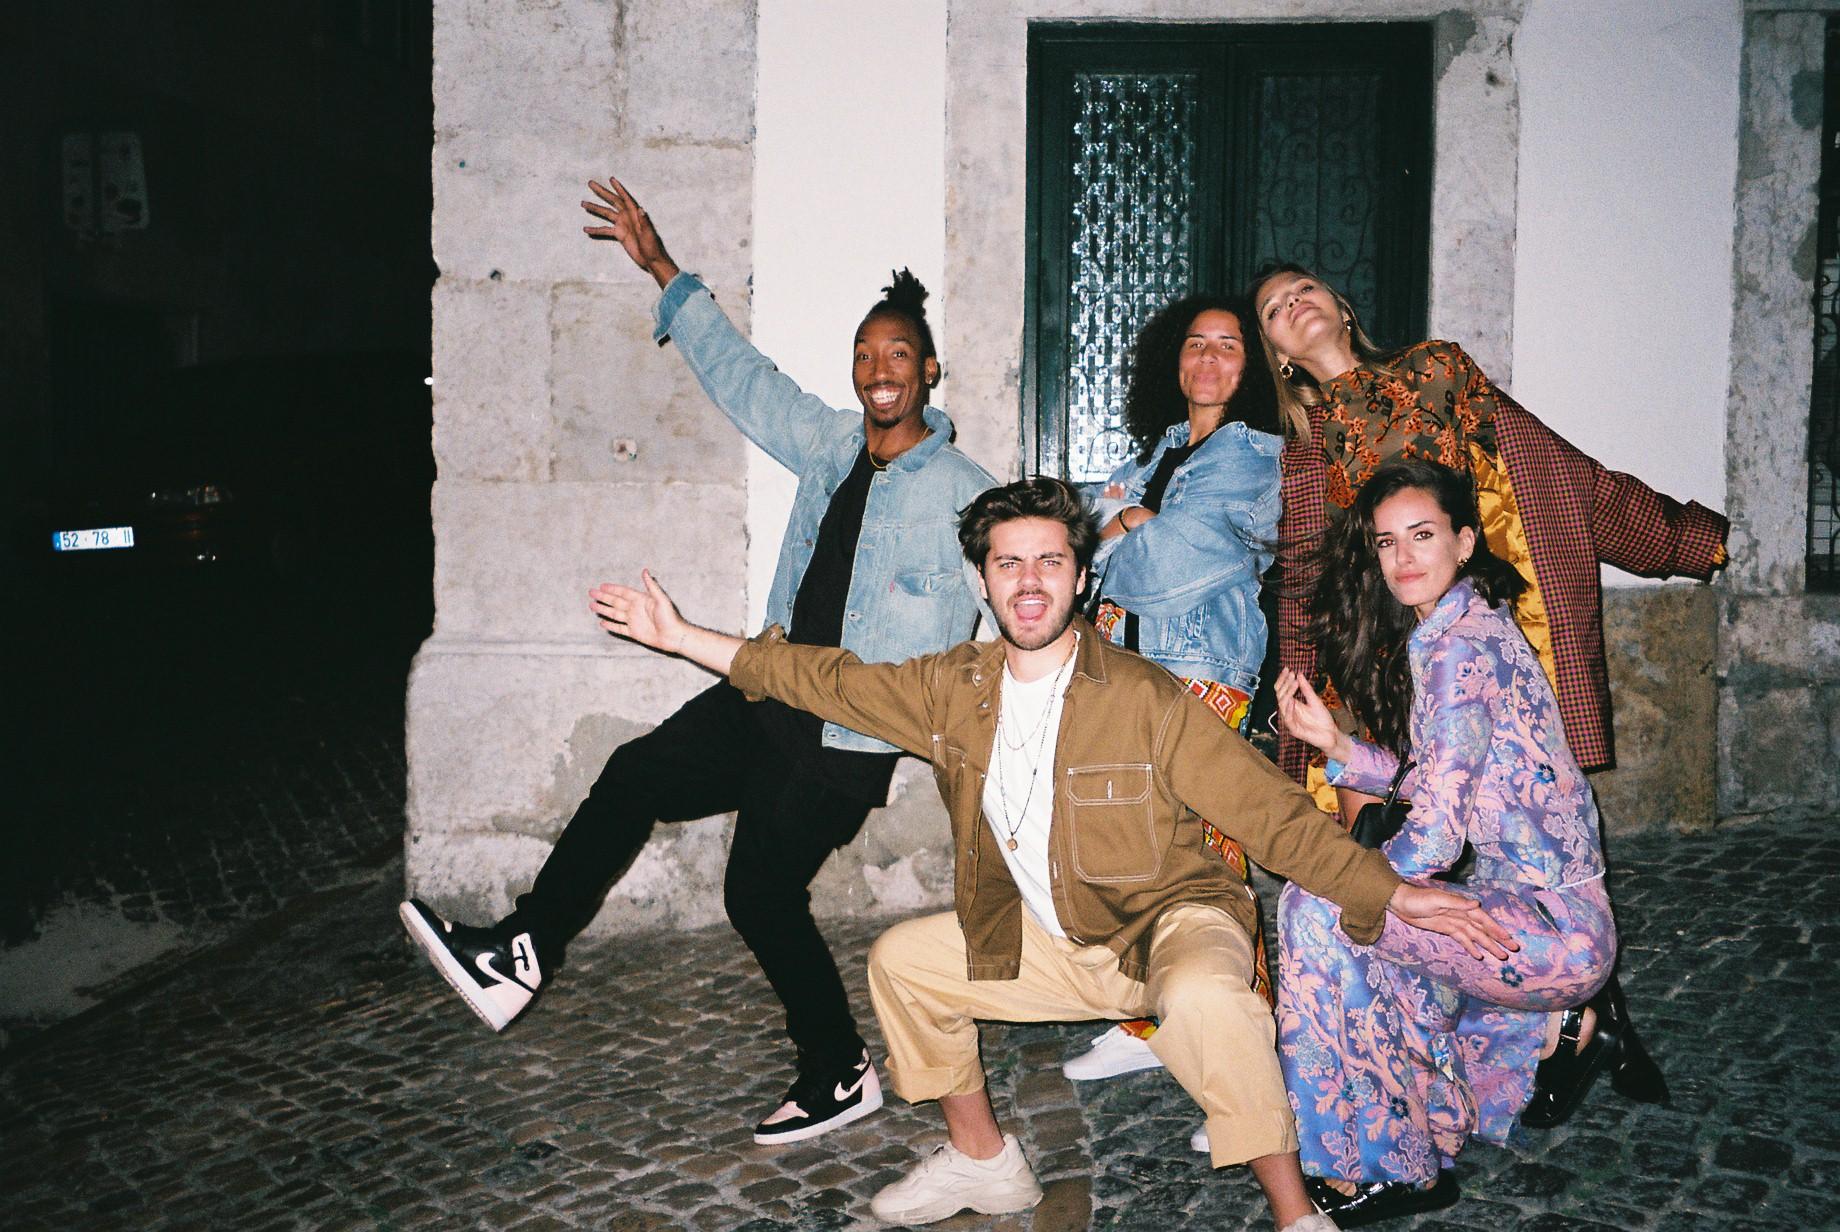 Friendship is so important to me, I'm so lucky to have these guys in my life. From left to right: Codie; Gonçalo; Chloe; Catarina and me.  / A amizade é tão importante para mim, eu sou tão sortuda por ter amigos como estes. Da esquerda para a direita: Codie, Gonçalo, Chloe, Catarina e eu.